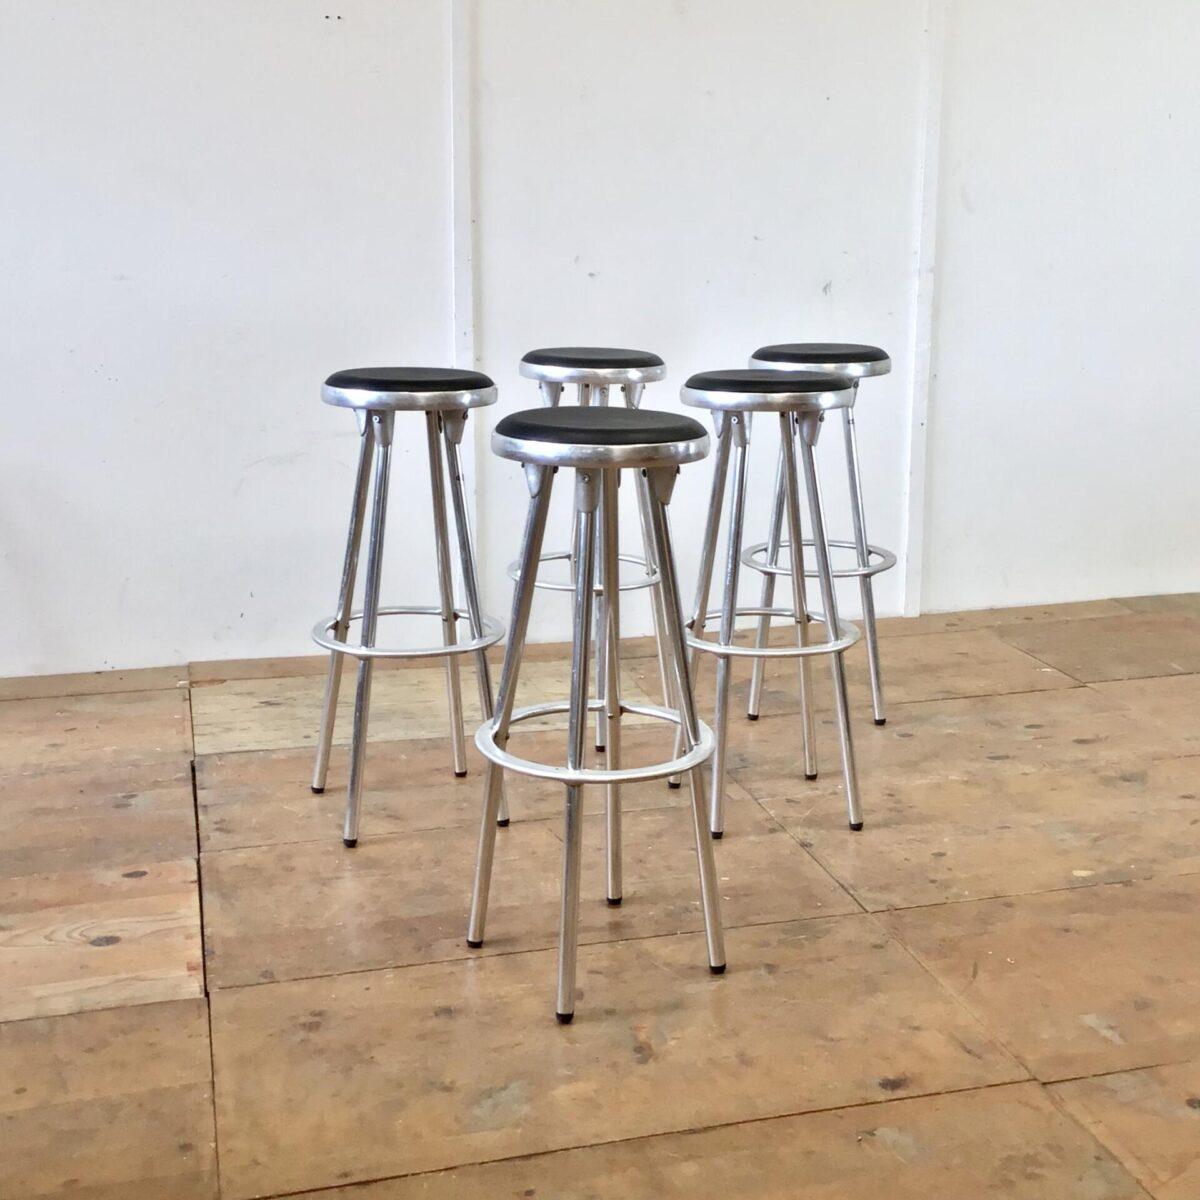 Vintage Aluminium Barhocker. Von Joan Casas Y Ortinez, für Indecasa. Durchmesser der Grundfläche 41cm Höhe 80cm Sitzfläche 30cm. Simple Barstühle mit Aluminiumguss Elementen 80er Jahre. Preis pro Stück.